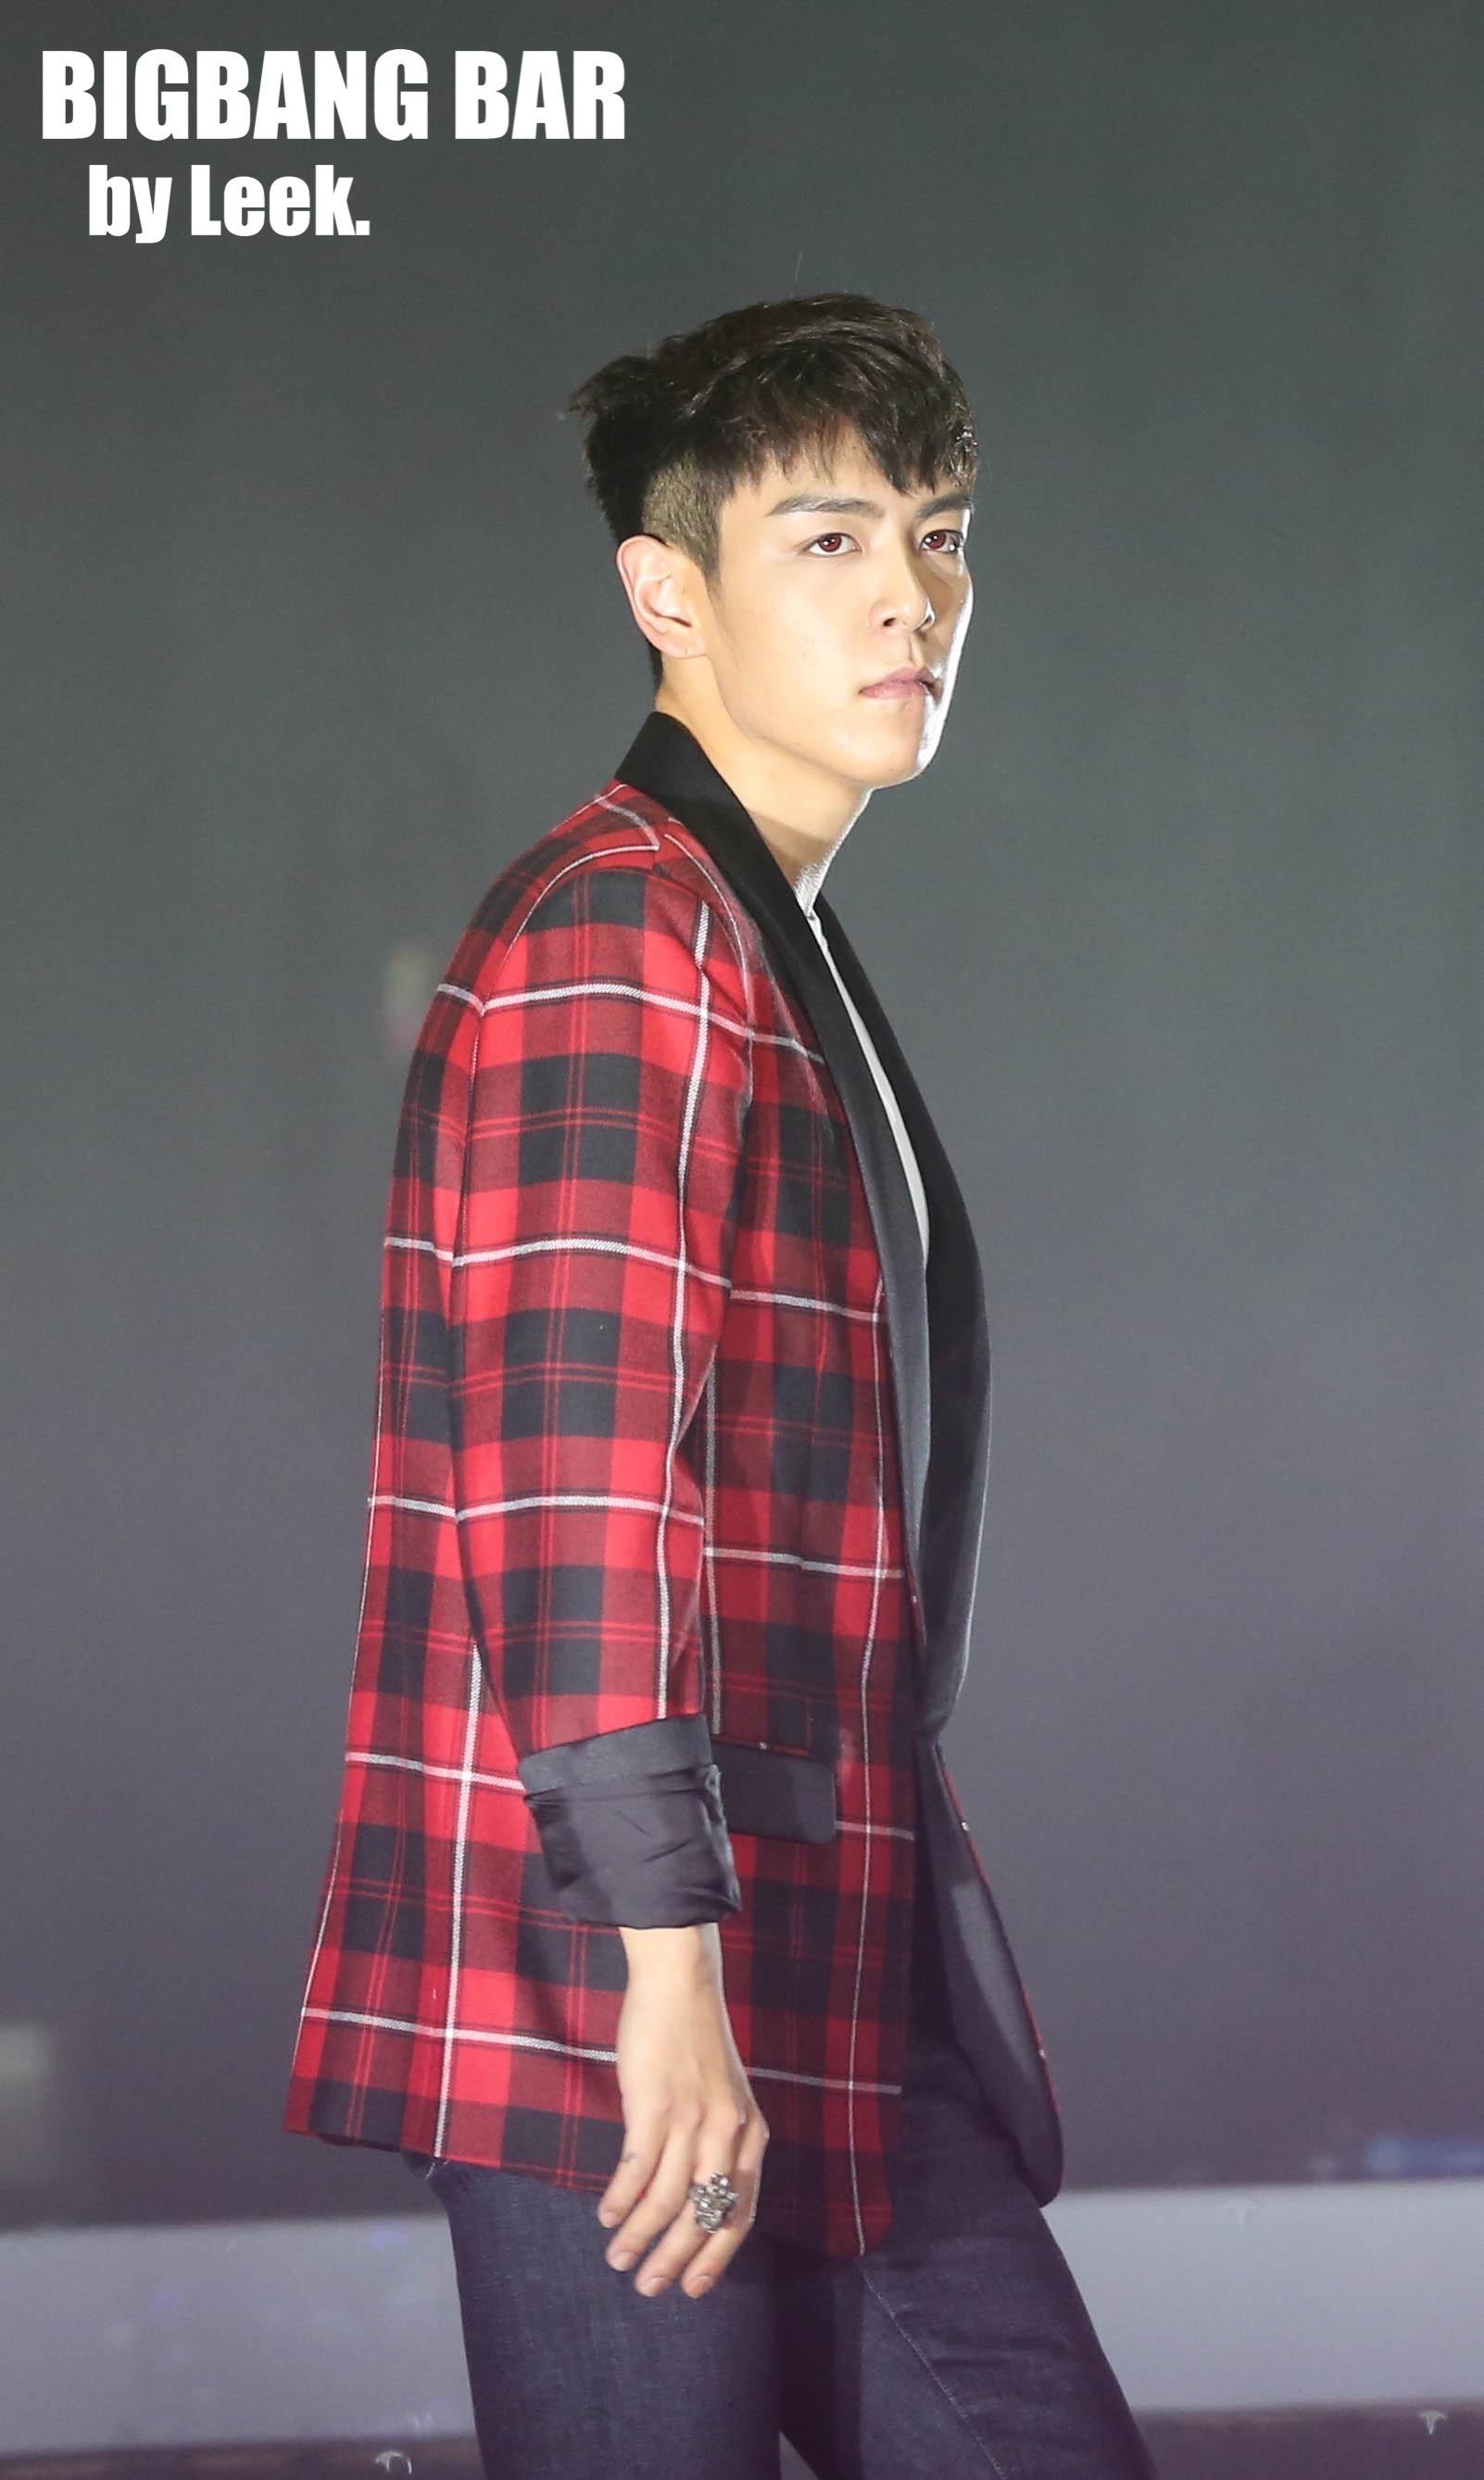 BIGBANG VIPevent Beijing 2016-01-01 By BIGBANGBar By Leek (43)